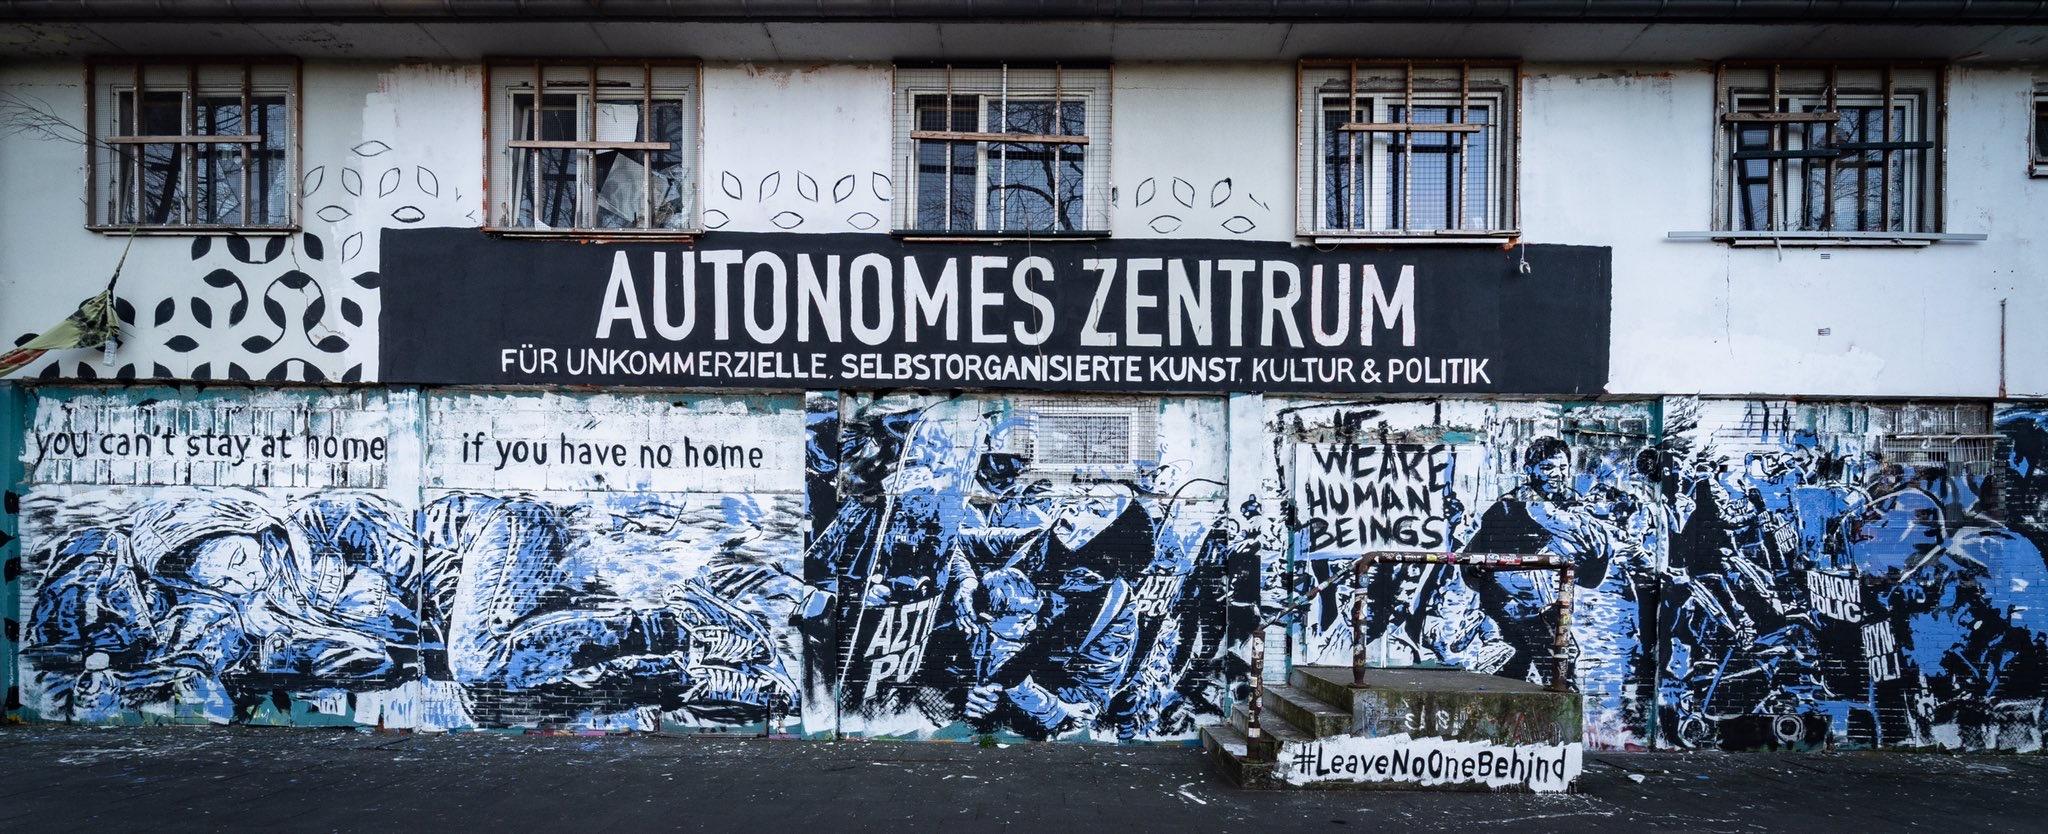 via AZ Köln/RABAZ